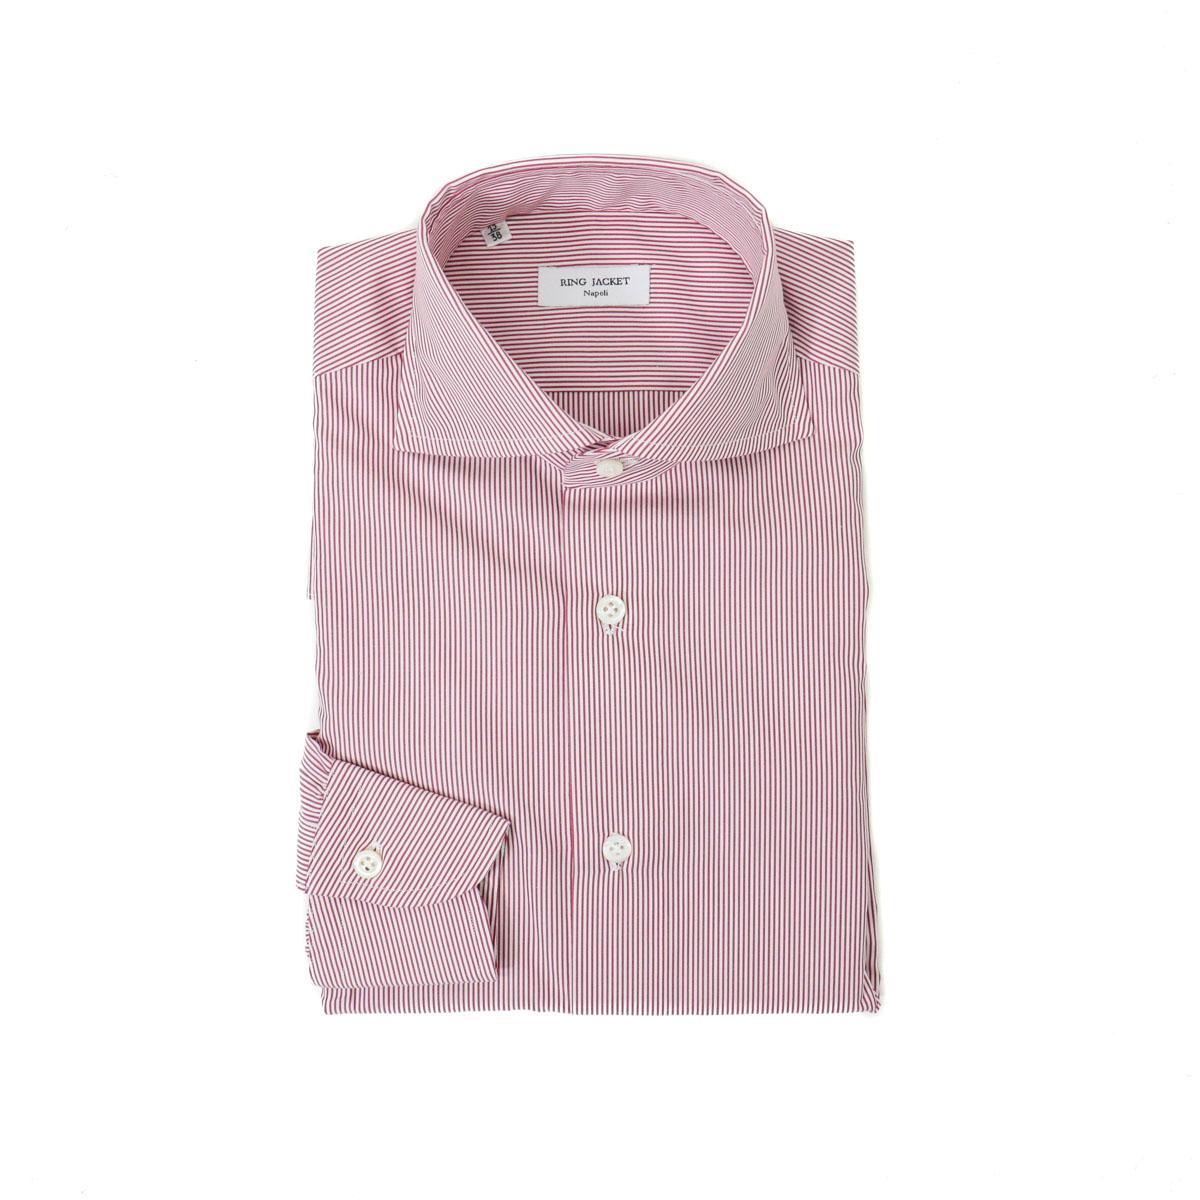 RING JACKET Napoli【リングヂャケット ナポリ】Shirts【シャツ】ワイドカラー【無地 / レッド】